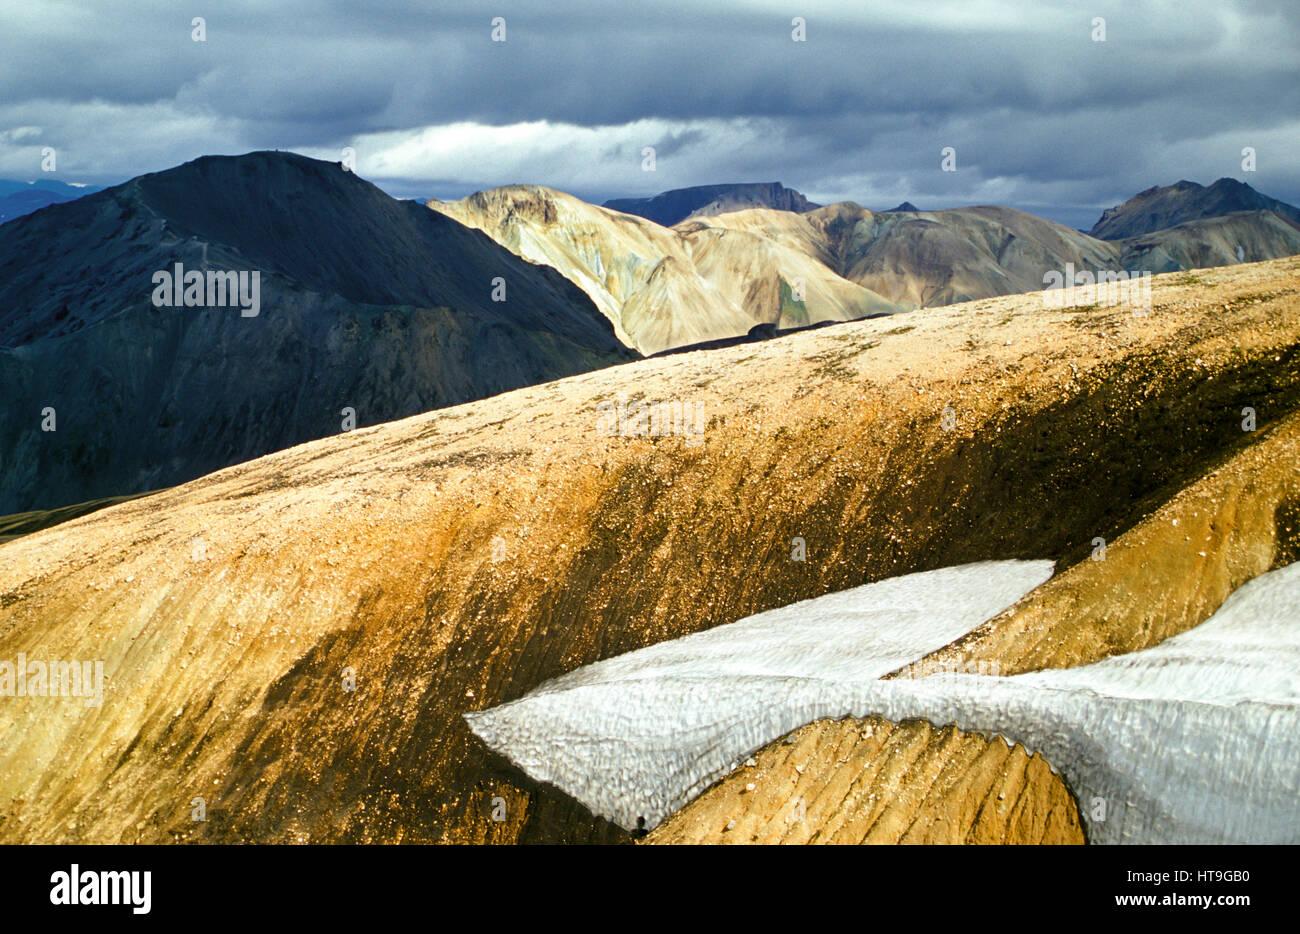 Incredibile vulcanica irreale paesaggio montuoso in Islanda e nella bella luce Immagini Stock